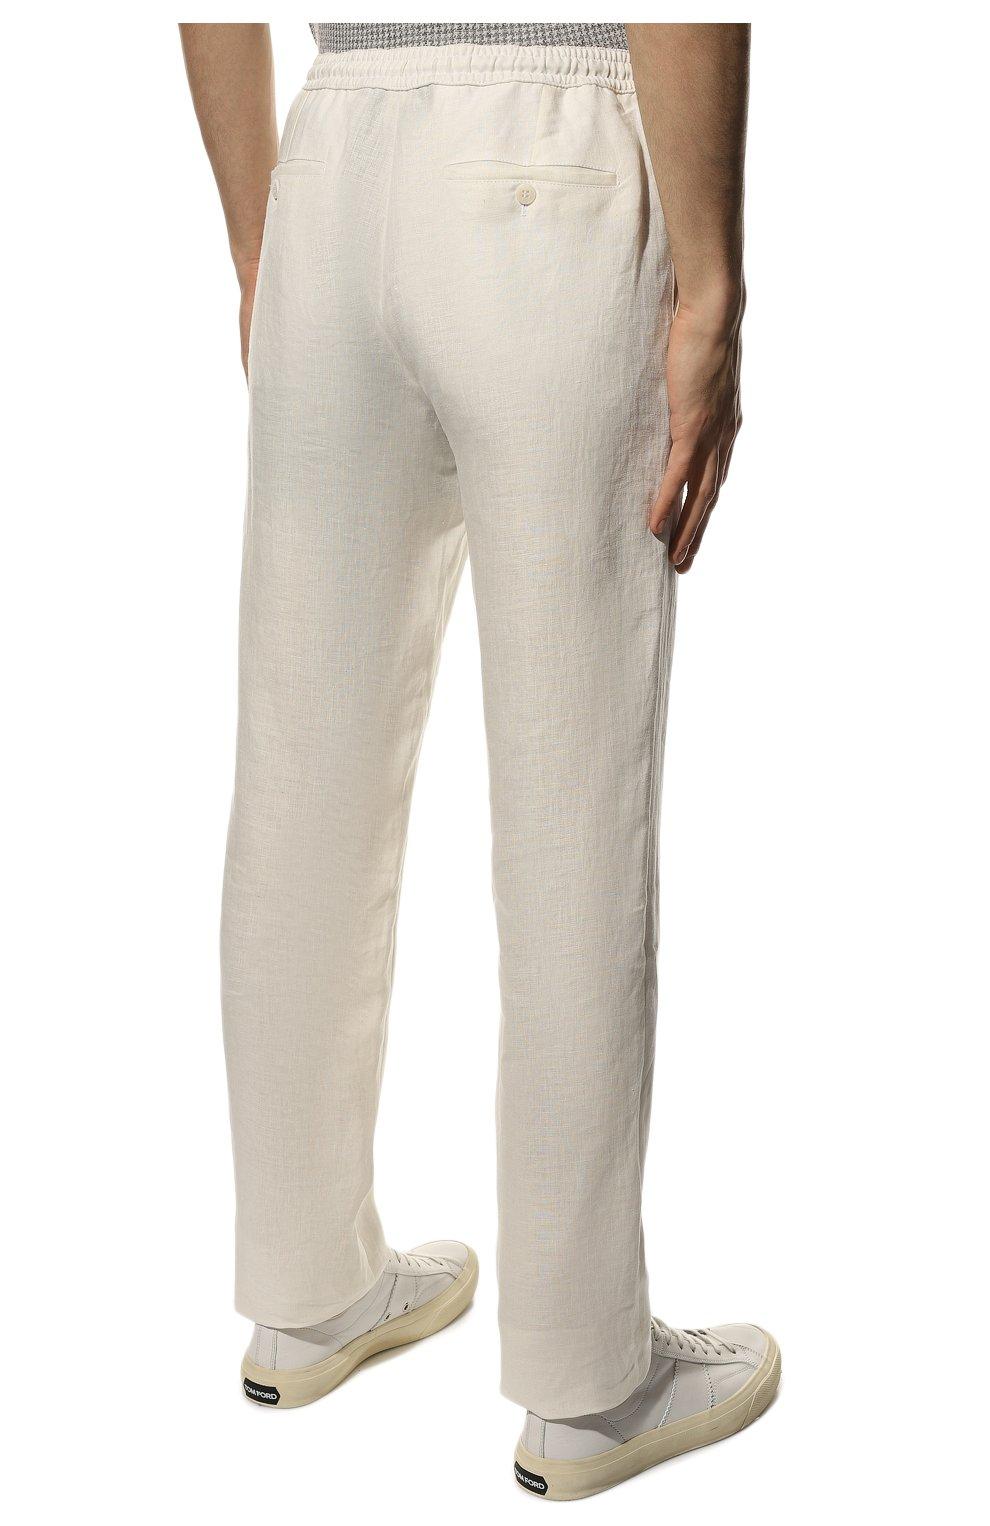 Мужские льняные брюки BRIONI белого цвета, арт. RPMJ0M/P6114/NEW JAMAICA   Фото 4 (Длина (брюки, джинсы): Стандартные; Случай: Повседневный; Материал внешний: Лен; Стили: Кэжуэл)